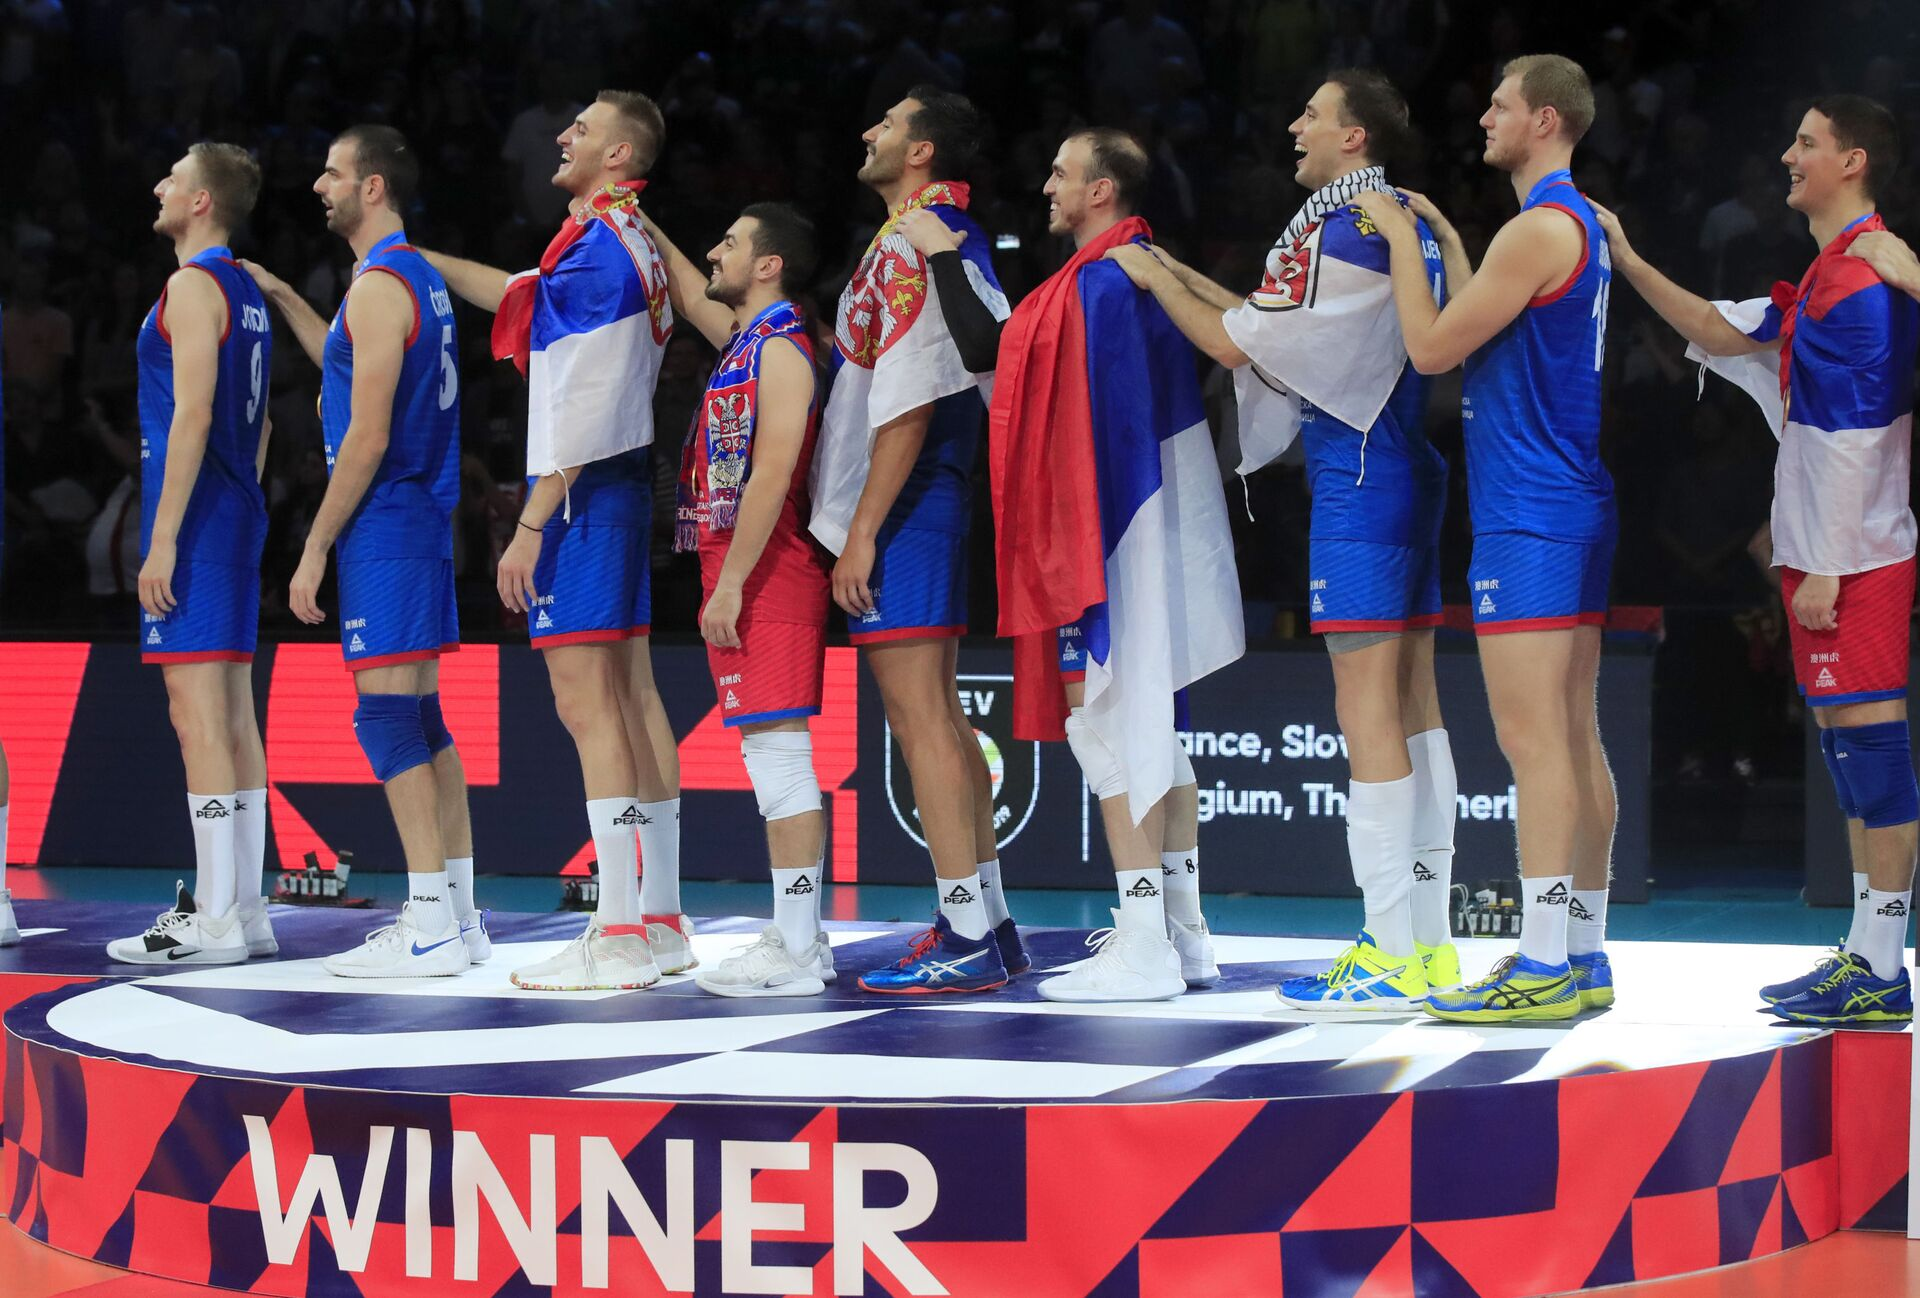 Одбојкаши Србије певају националну химну након освајања златне медаље на Европском првенству у одбојци које је одржано у Паризу - Sputnik Србија, 1920, 02.09.2021